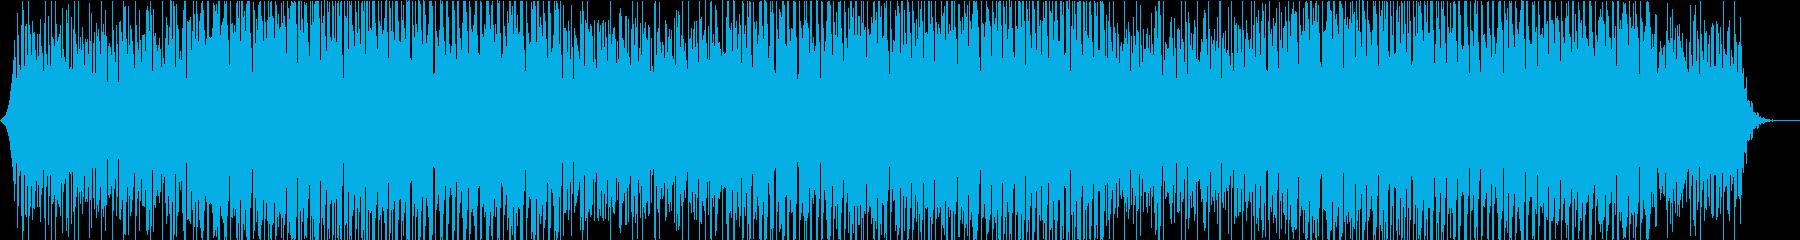 企業VP、シンプル・温かい・テクノポップの再生済みの波形